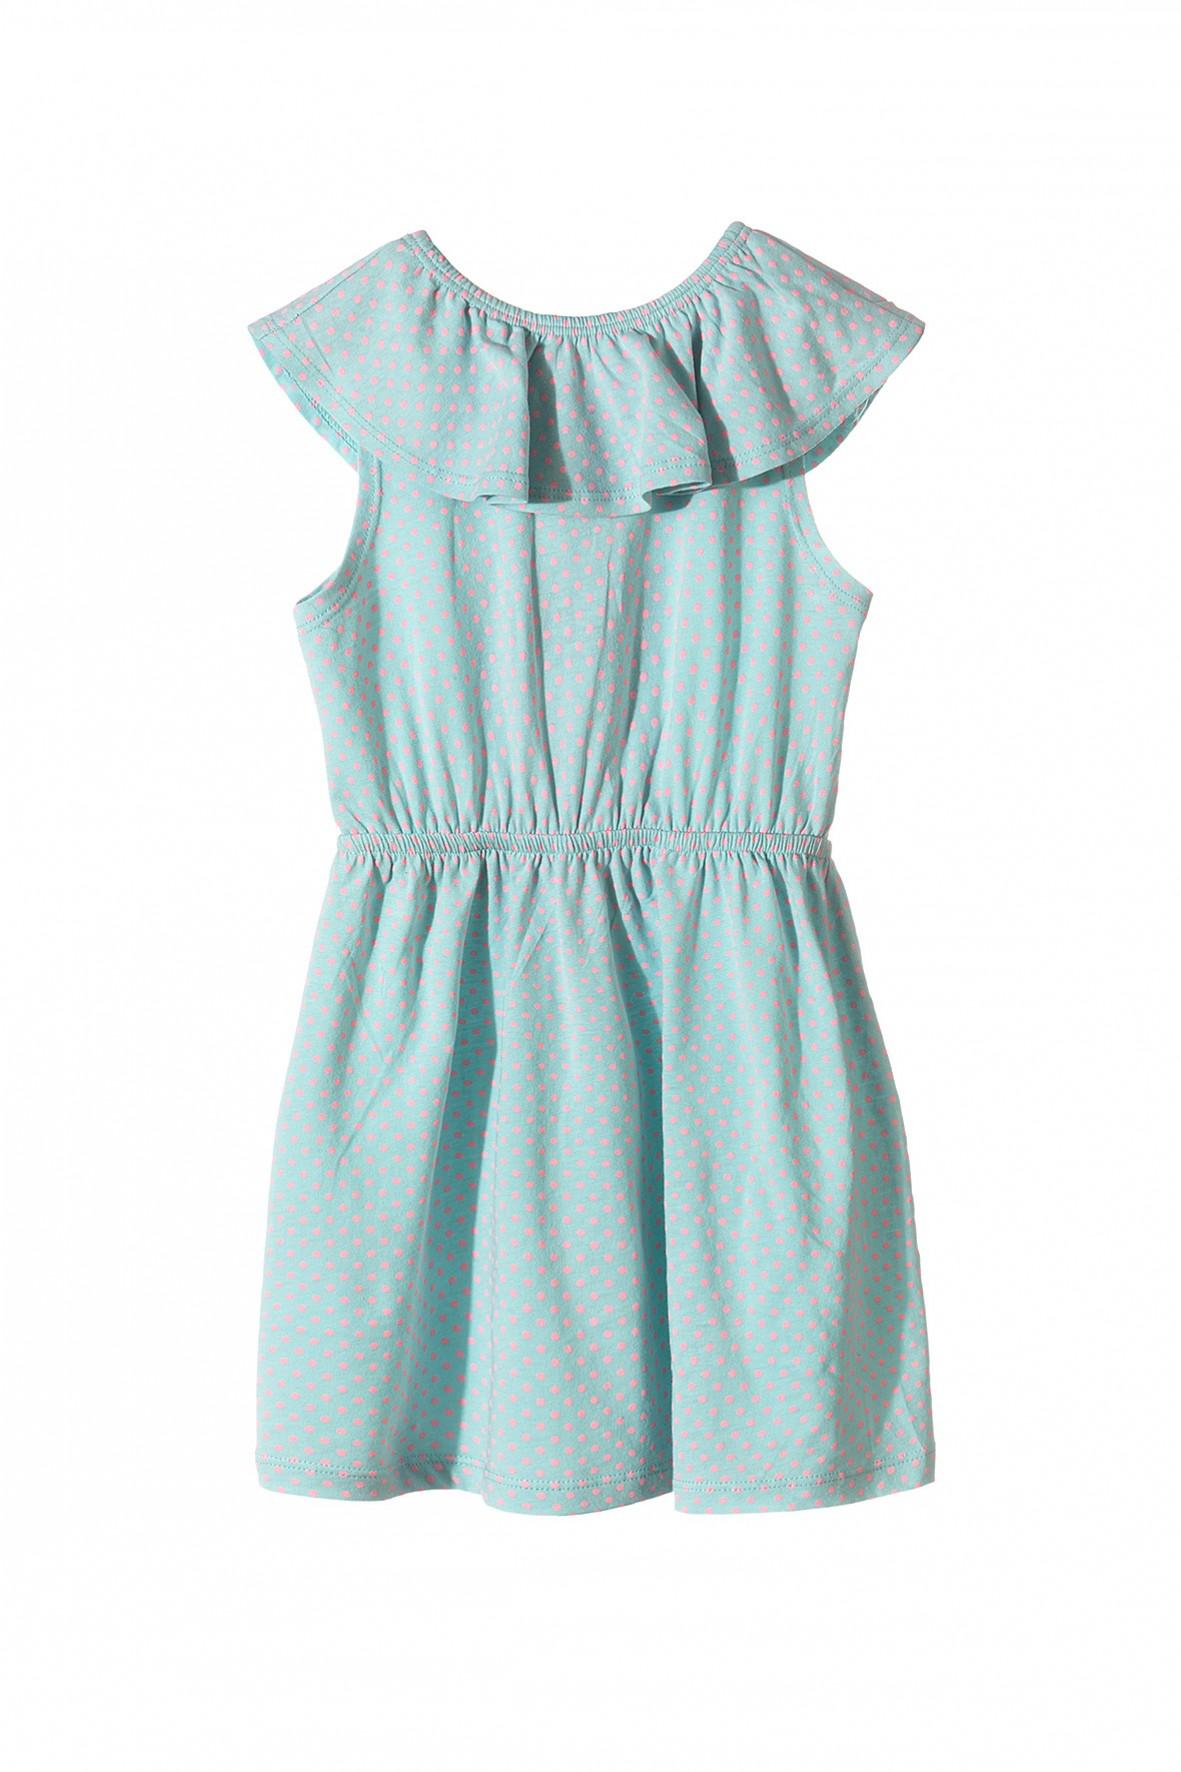 682e11bea3 Bawełniana sukienka na lato dla dziewczynki- zielona w różowe kropki.